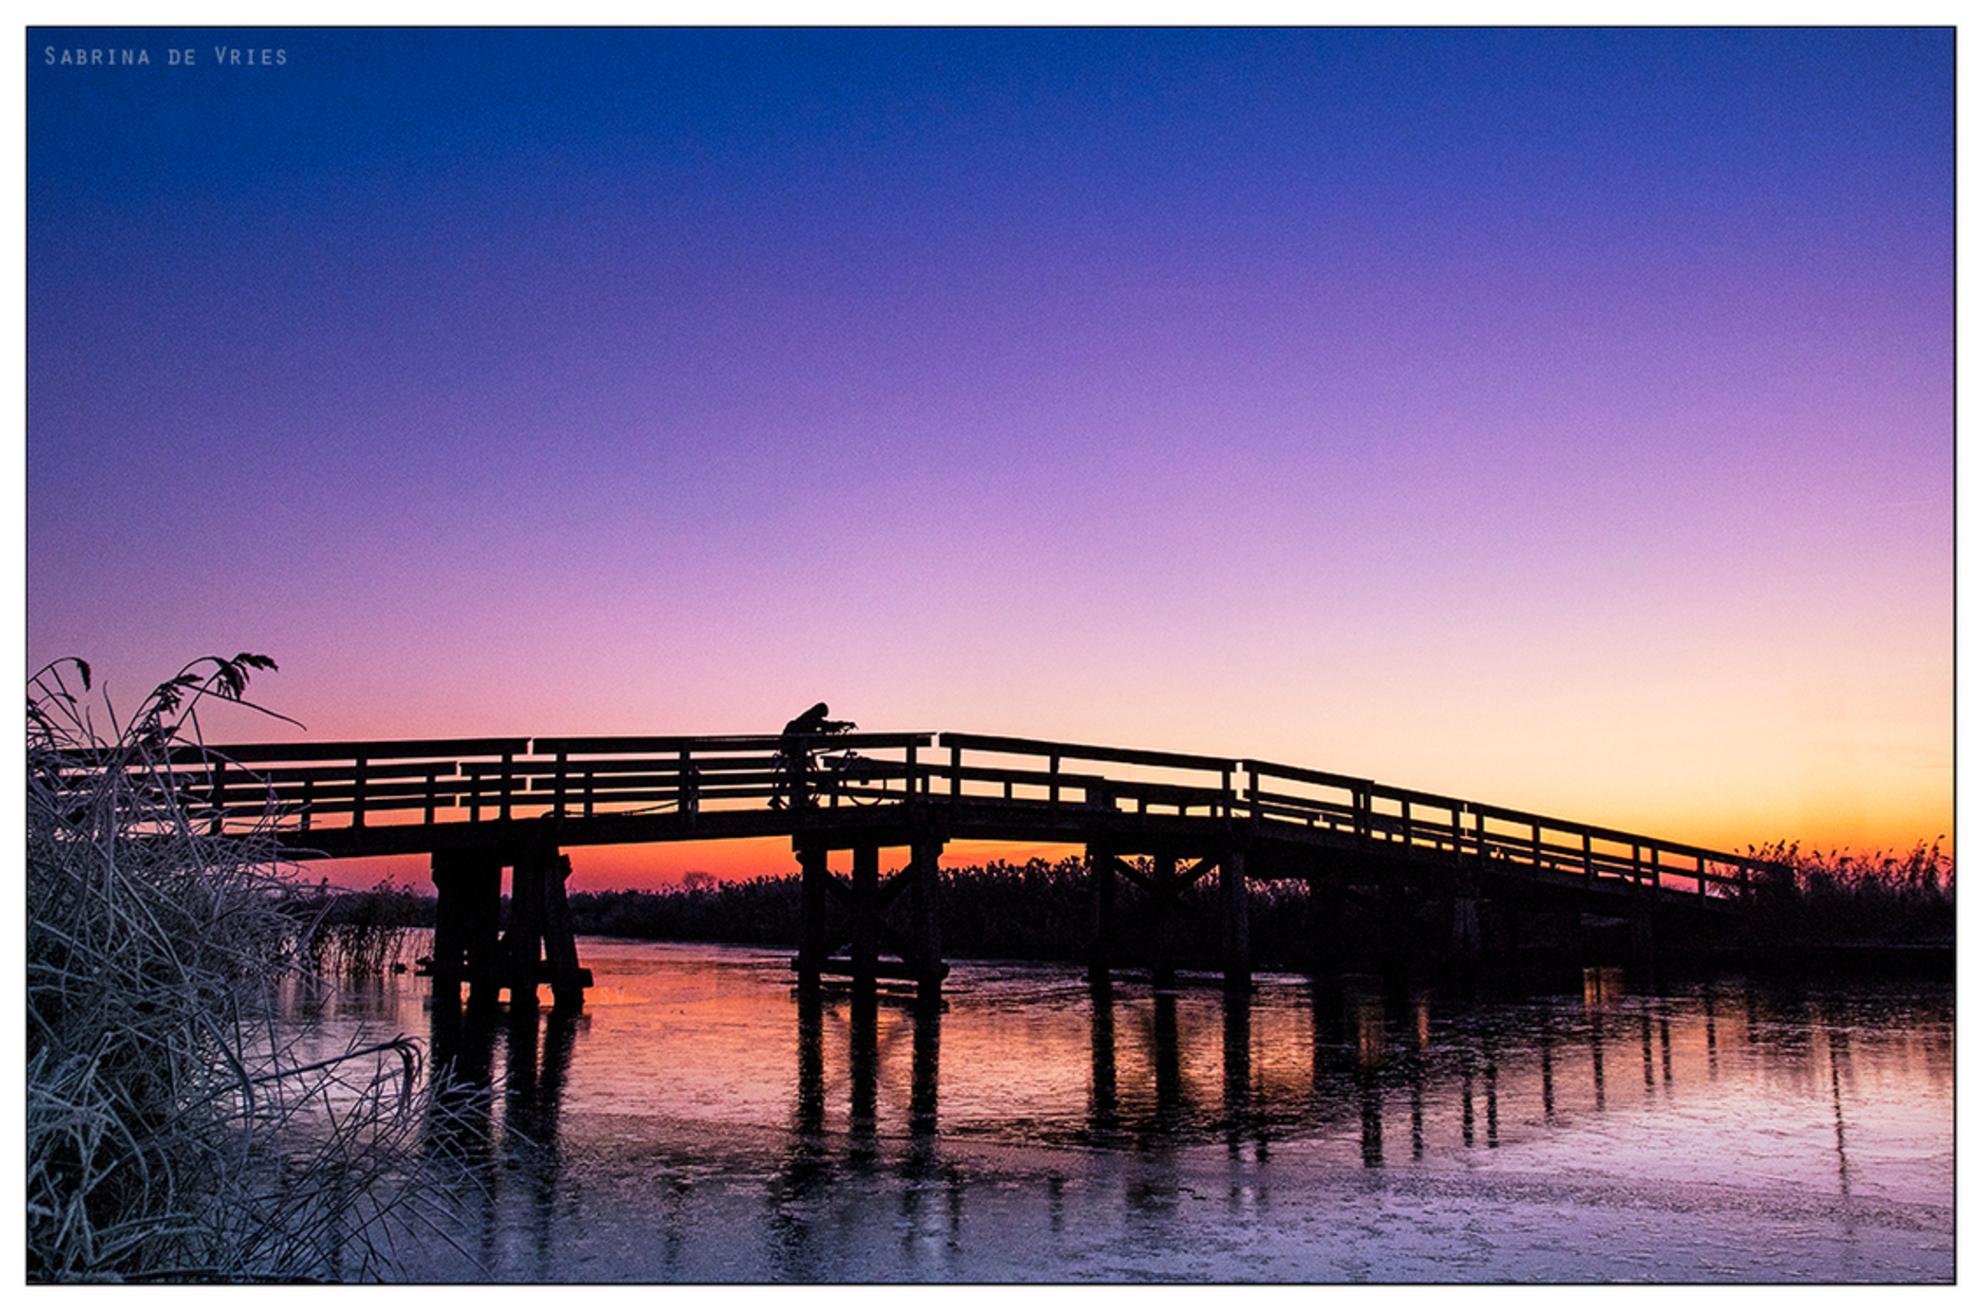 Fietsbruggetje Allingawier - 6-12-2016 Allingawier - foto door ReflectionsFromWithin op 07-12-2016 - deze foto bevat: roze, lucht, paars, kleur, water, licht, oranje, winter, fiets, ijs, landschap, mist, zonsopkomst, fietser, sloot, hout, brug, sfeer, fietsen, bevroren, warm, december, najaar, glad, winters, vriezen - Deze foto mag gebruikt worden in een Zoom.nl publicatie